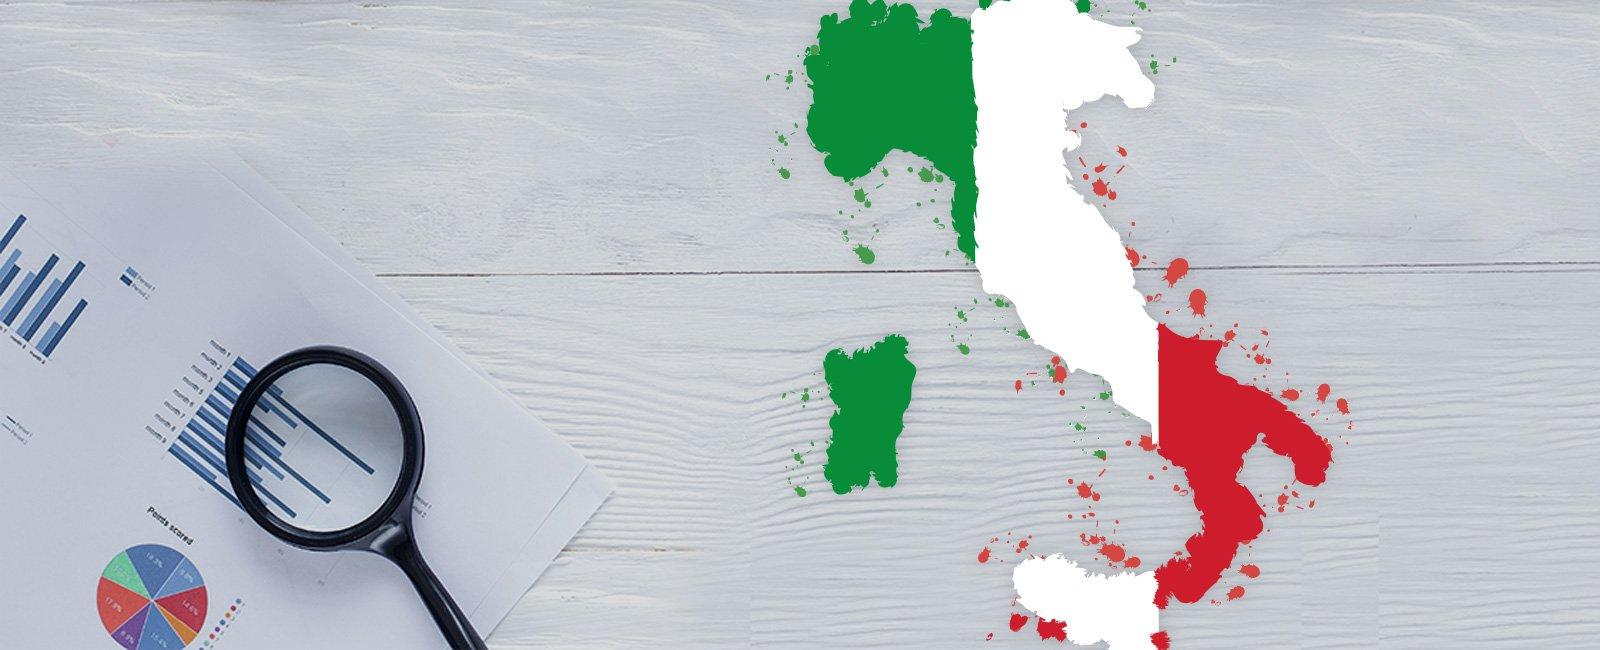 landingpage-wp-analisis_el_comercio_italia